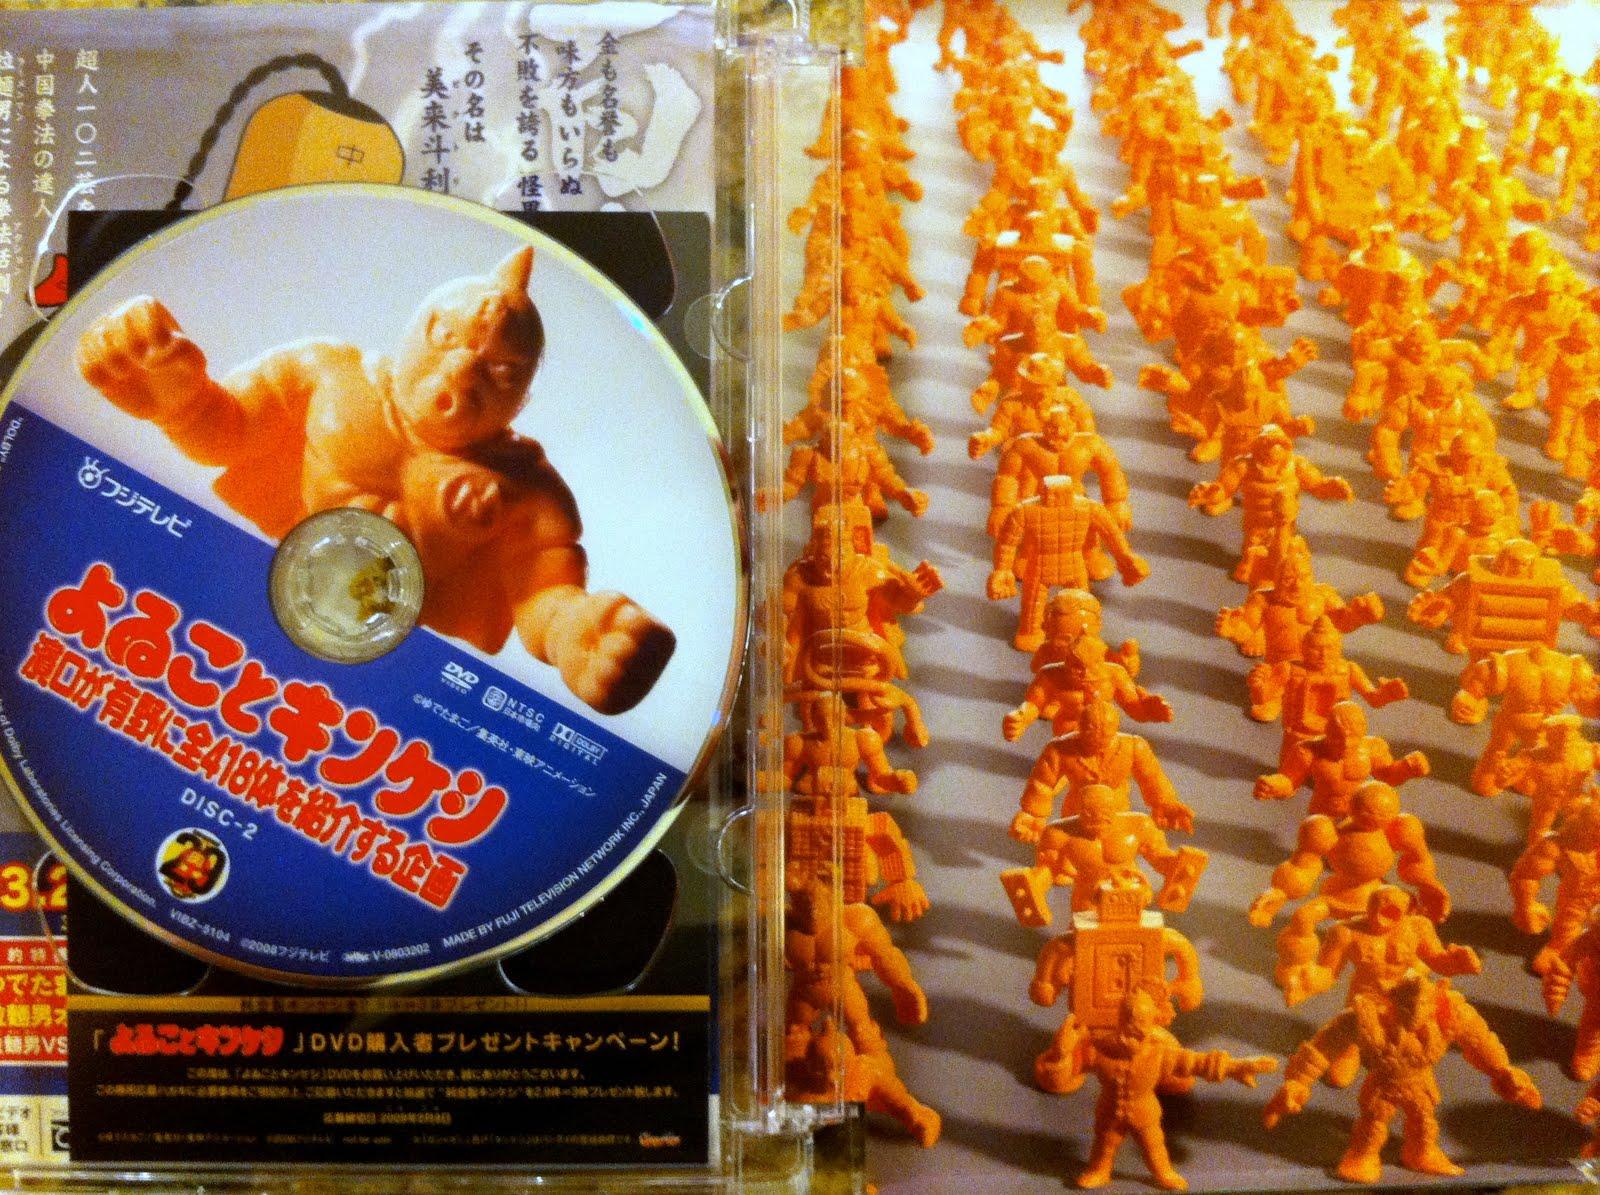 """La surrealista edición de coleccionista de """"Kinnikuman"""" en DVD"""